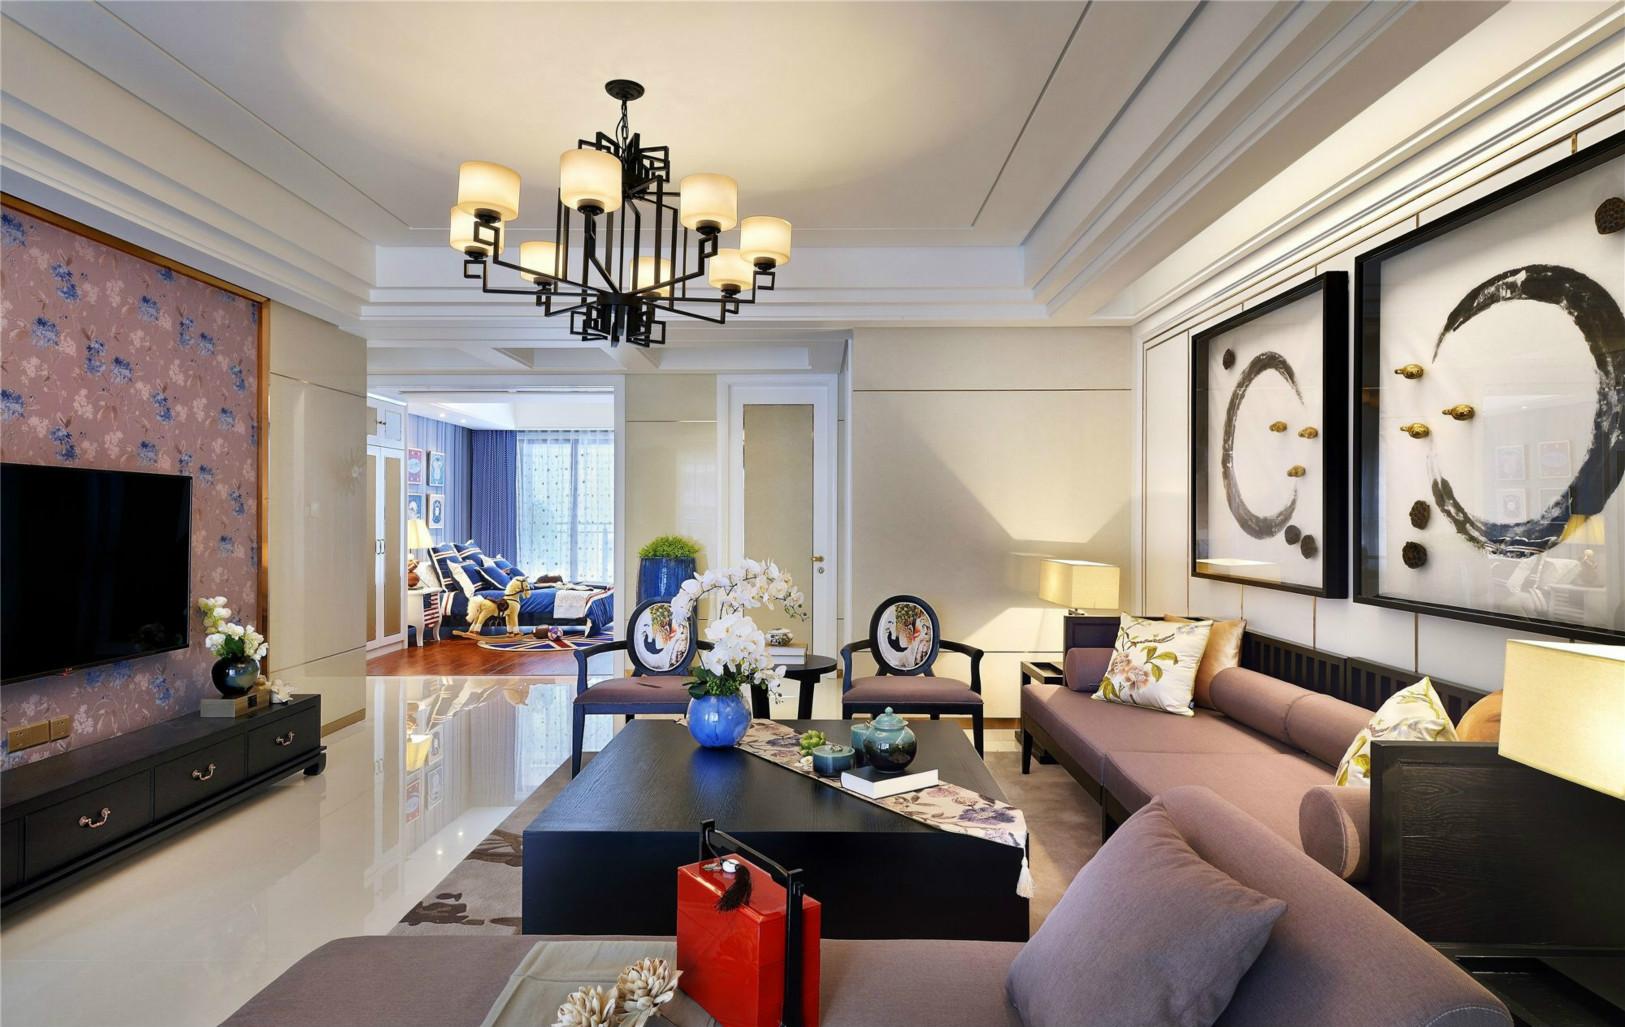 客厅背景墙面以不规则的线条来勾勒出不一样的大气感觉,整体空间温馨异常